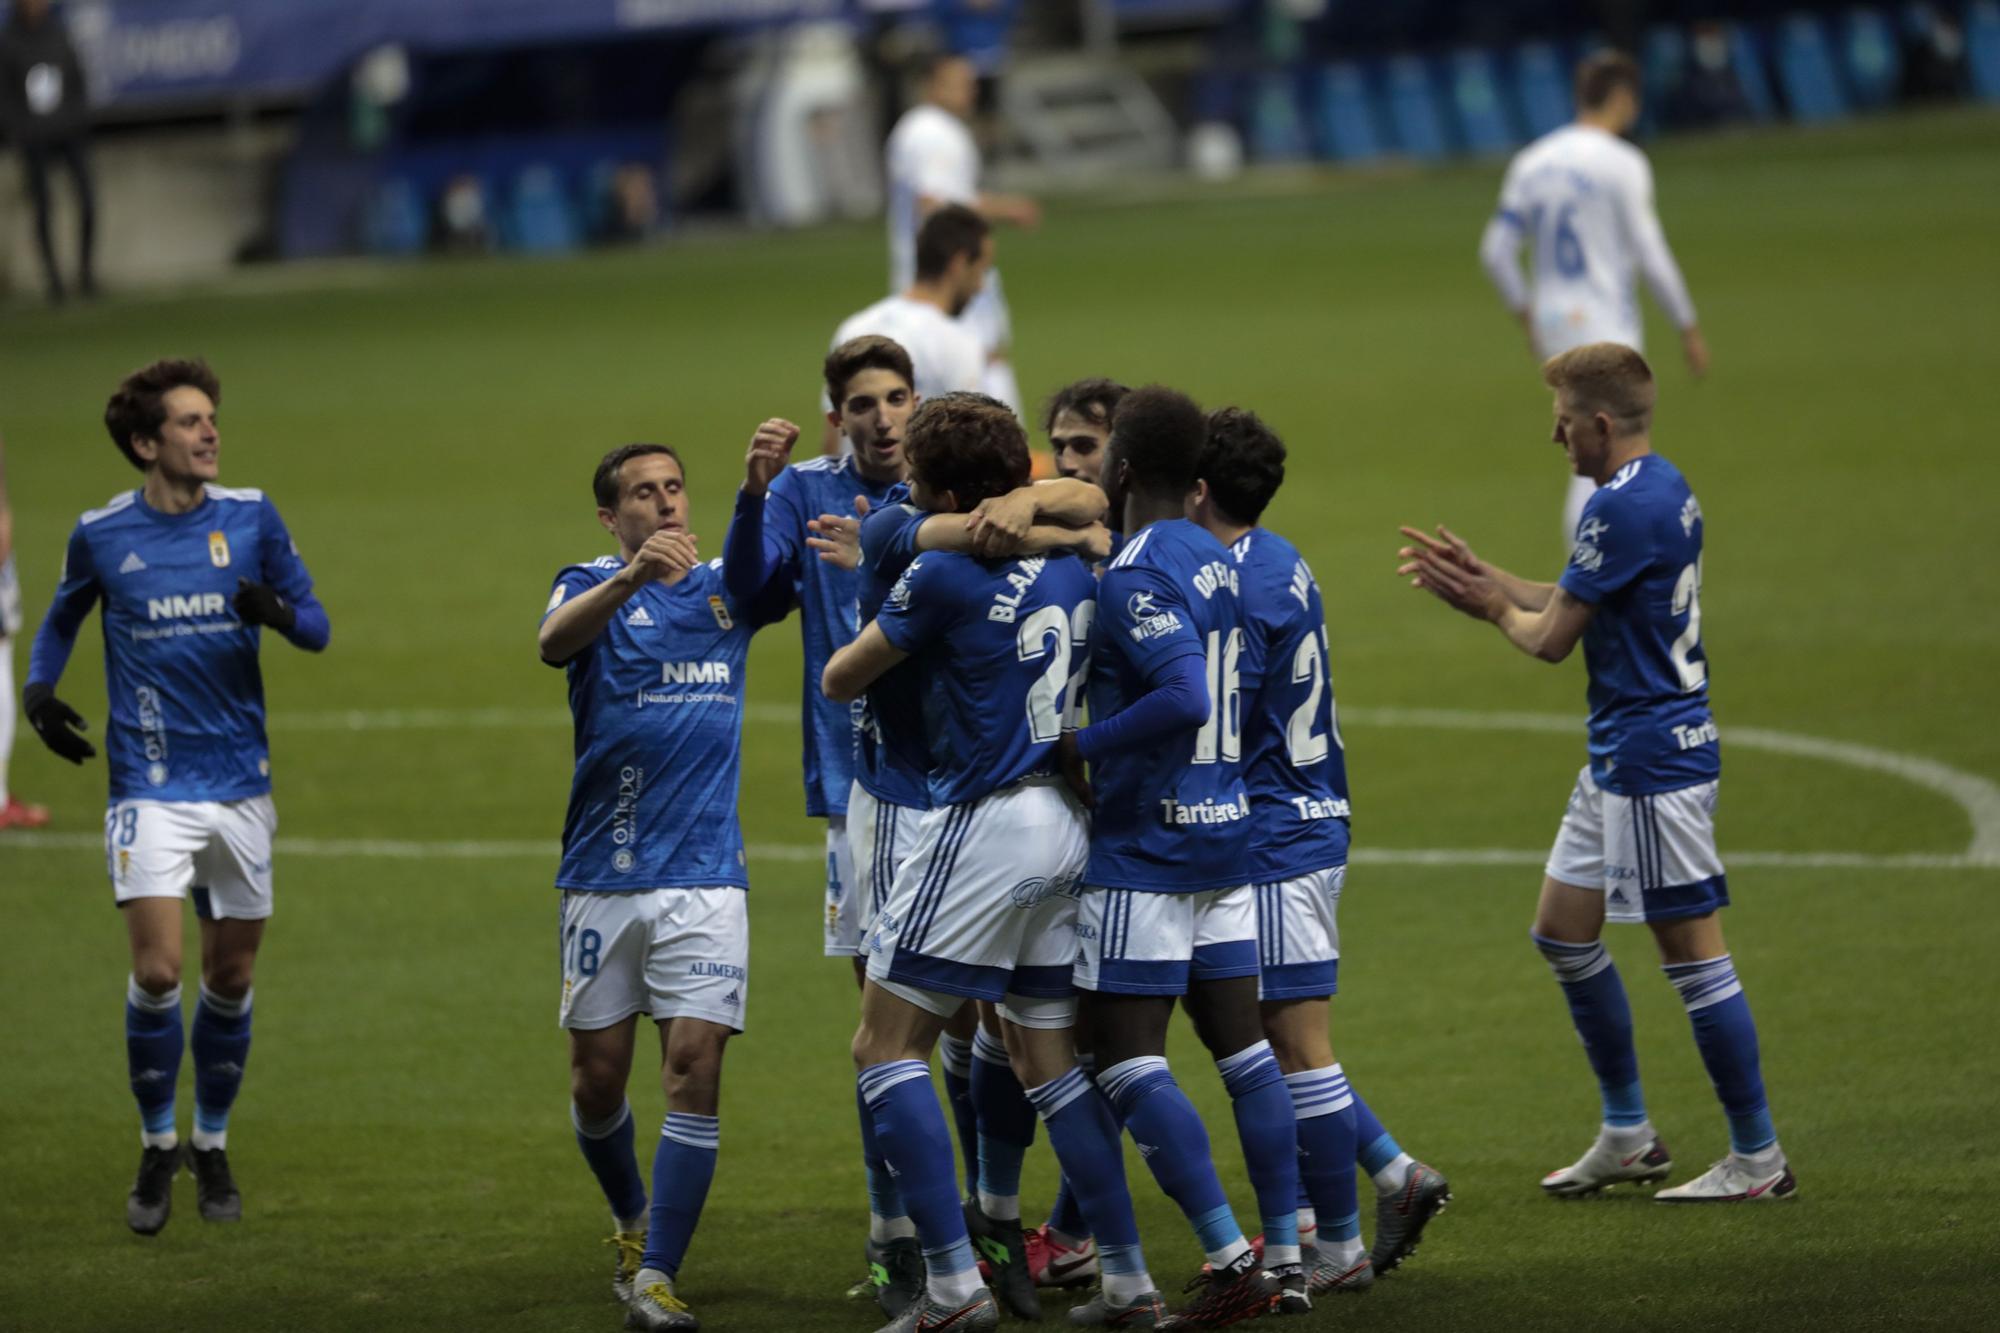 El partido del Oviedo ante el Tenerife, en imágenes